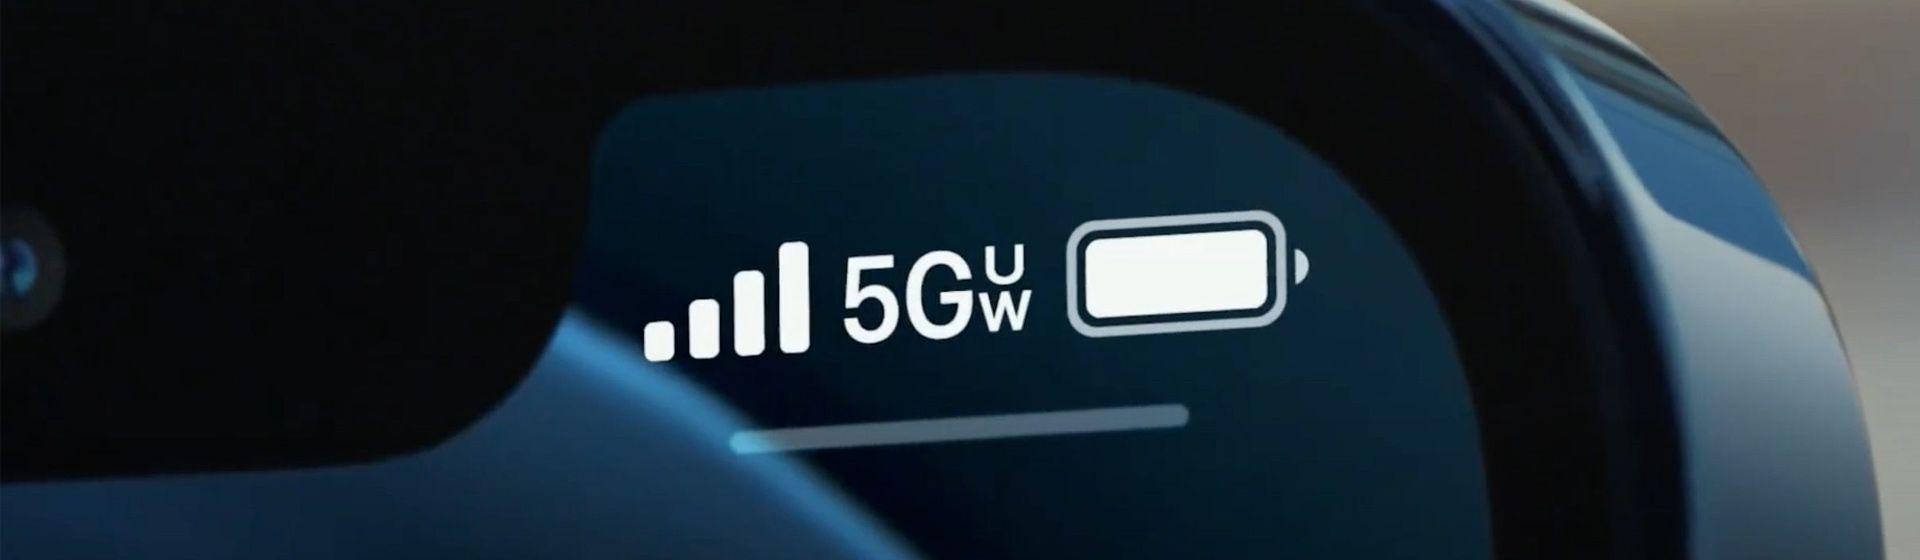 Celulares com 5G: veja os melhores modelos para comprar em 2021